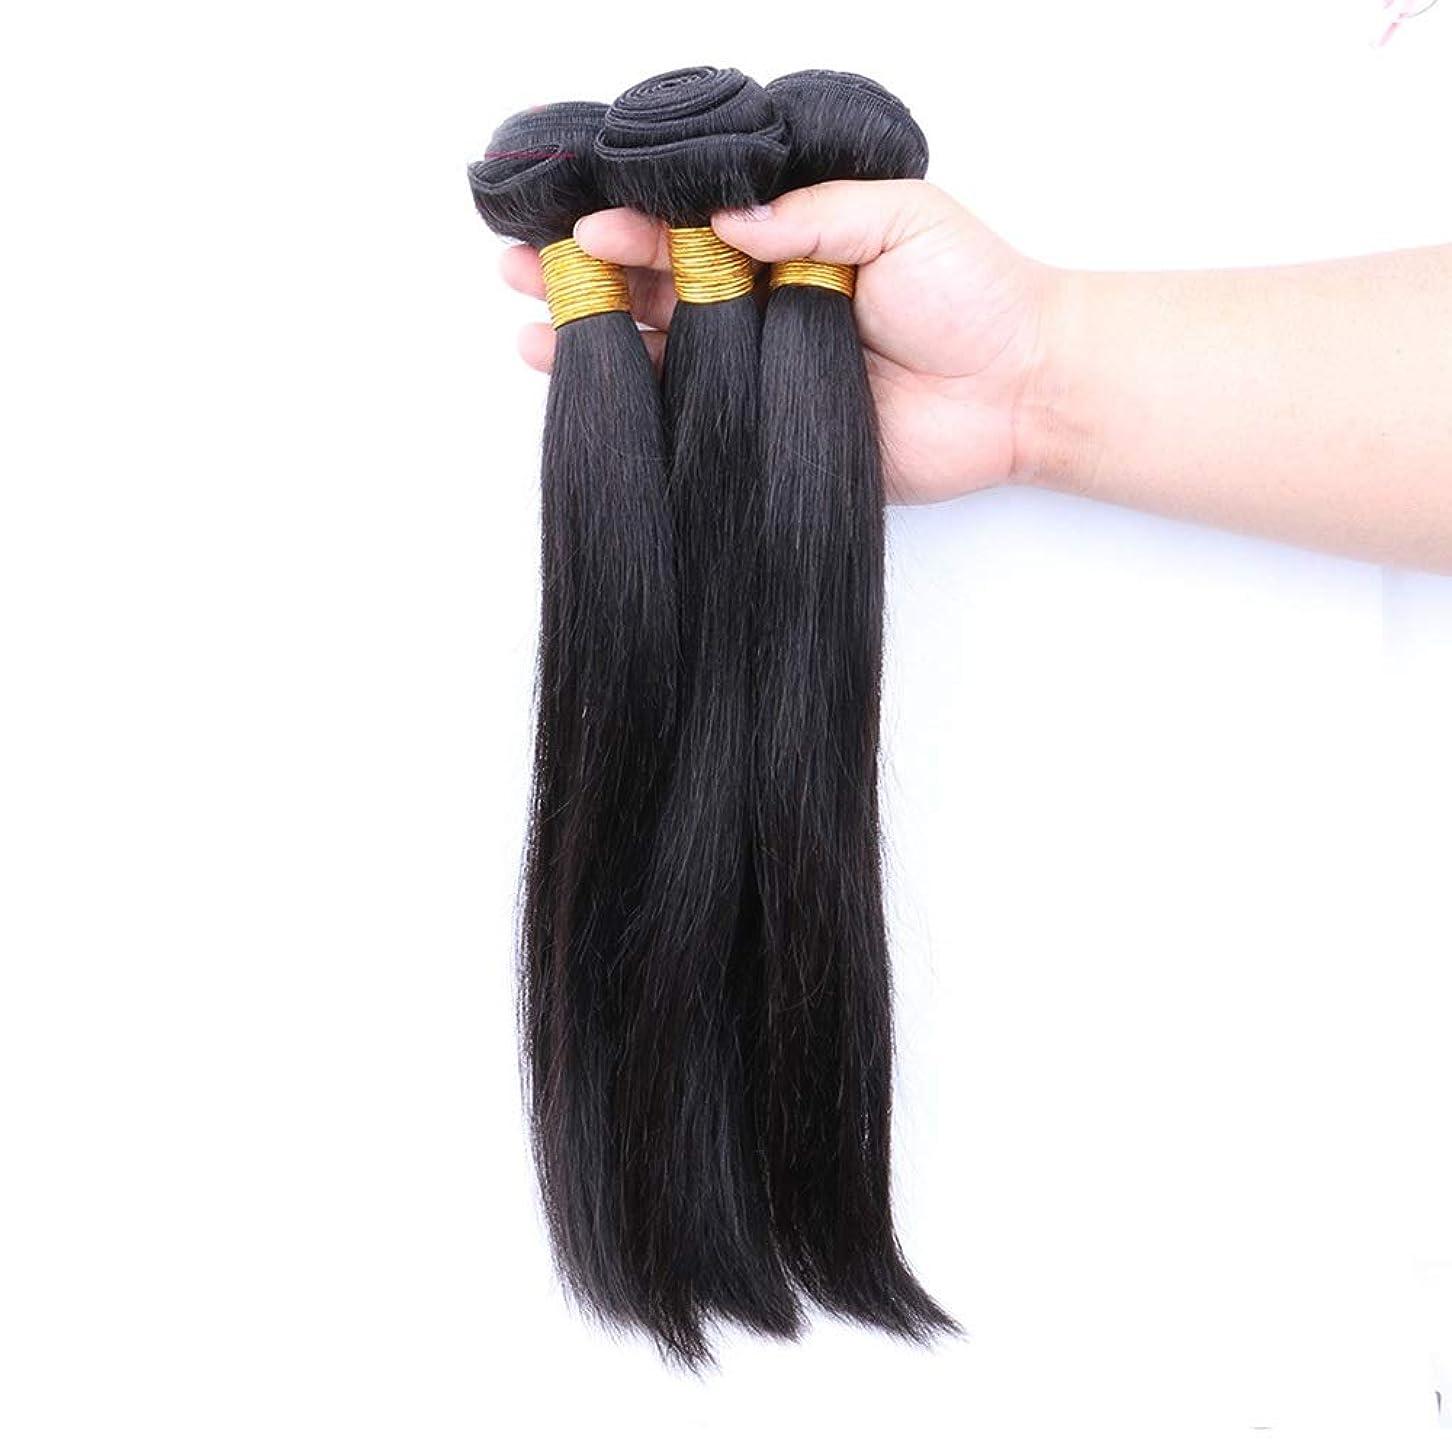 アジア人天井男BOBIDYEE ブラジルのストレート人間の髪の毛の束シルキーストレートバージン人間の髪織りエクステンションナチュラルブラック複合毛レースのかつらロールプレイングかつら (色 : 黒, サイズ : 14 inch)